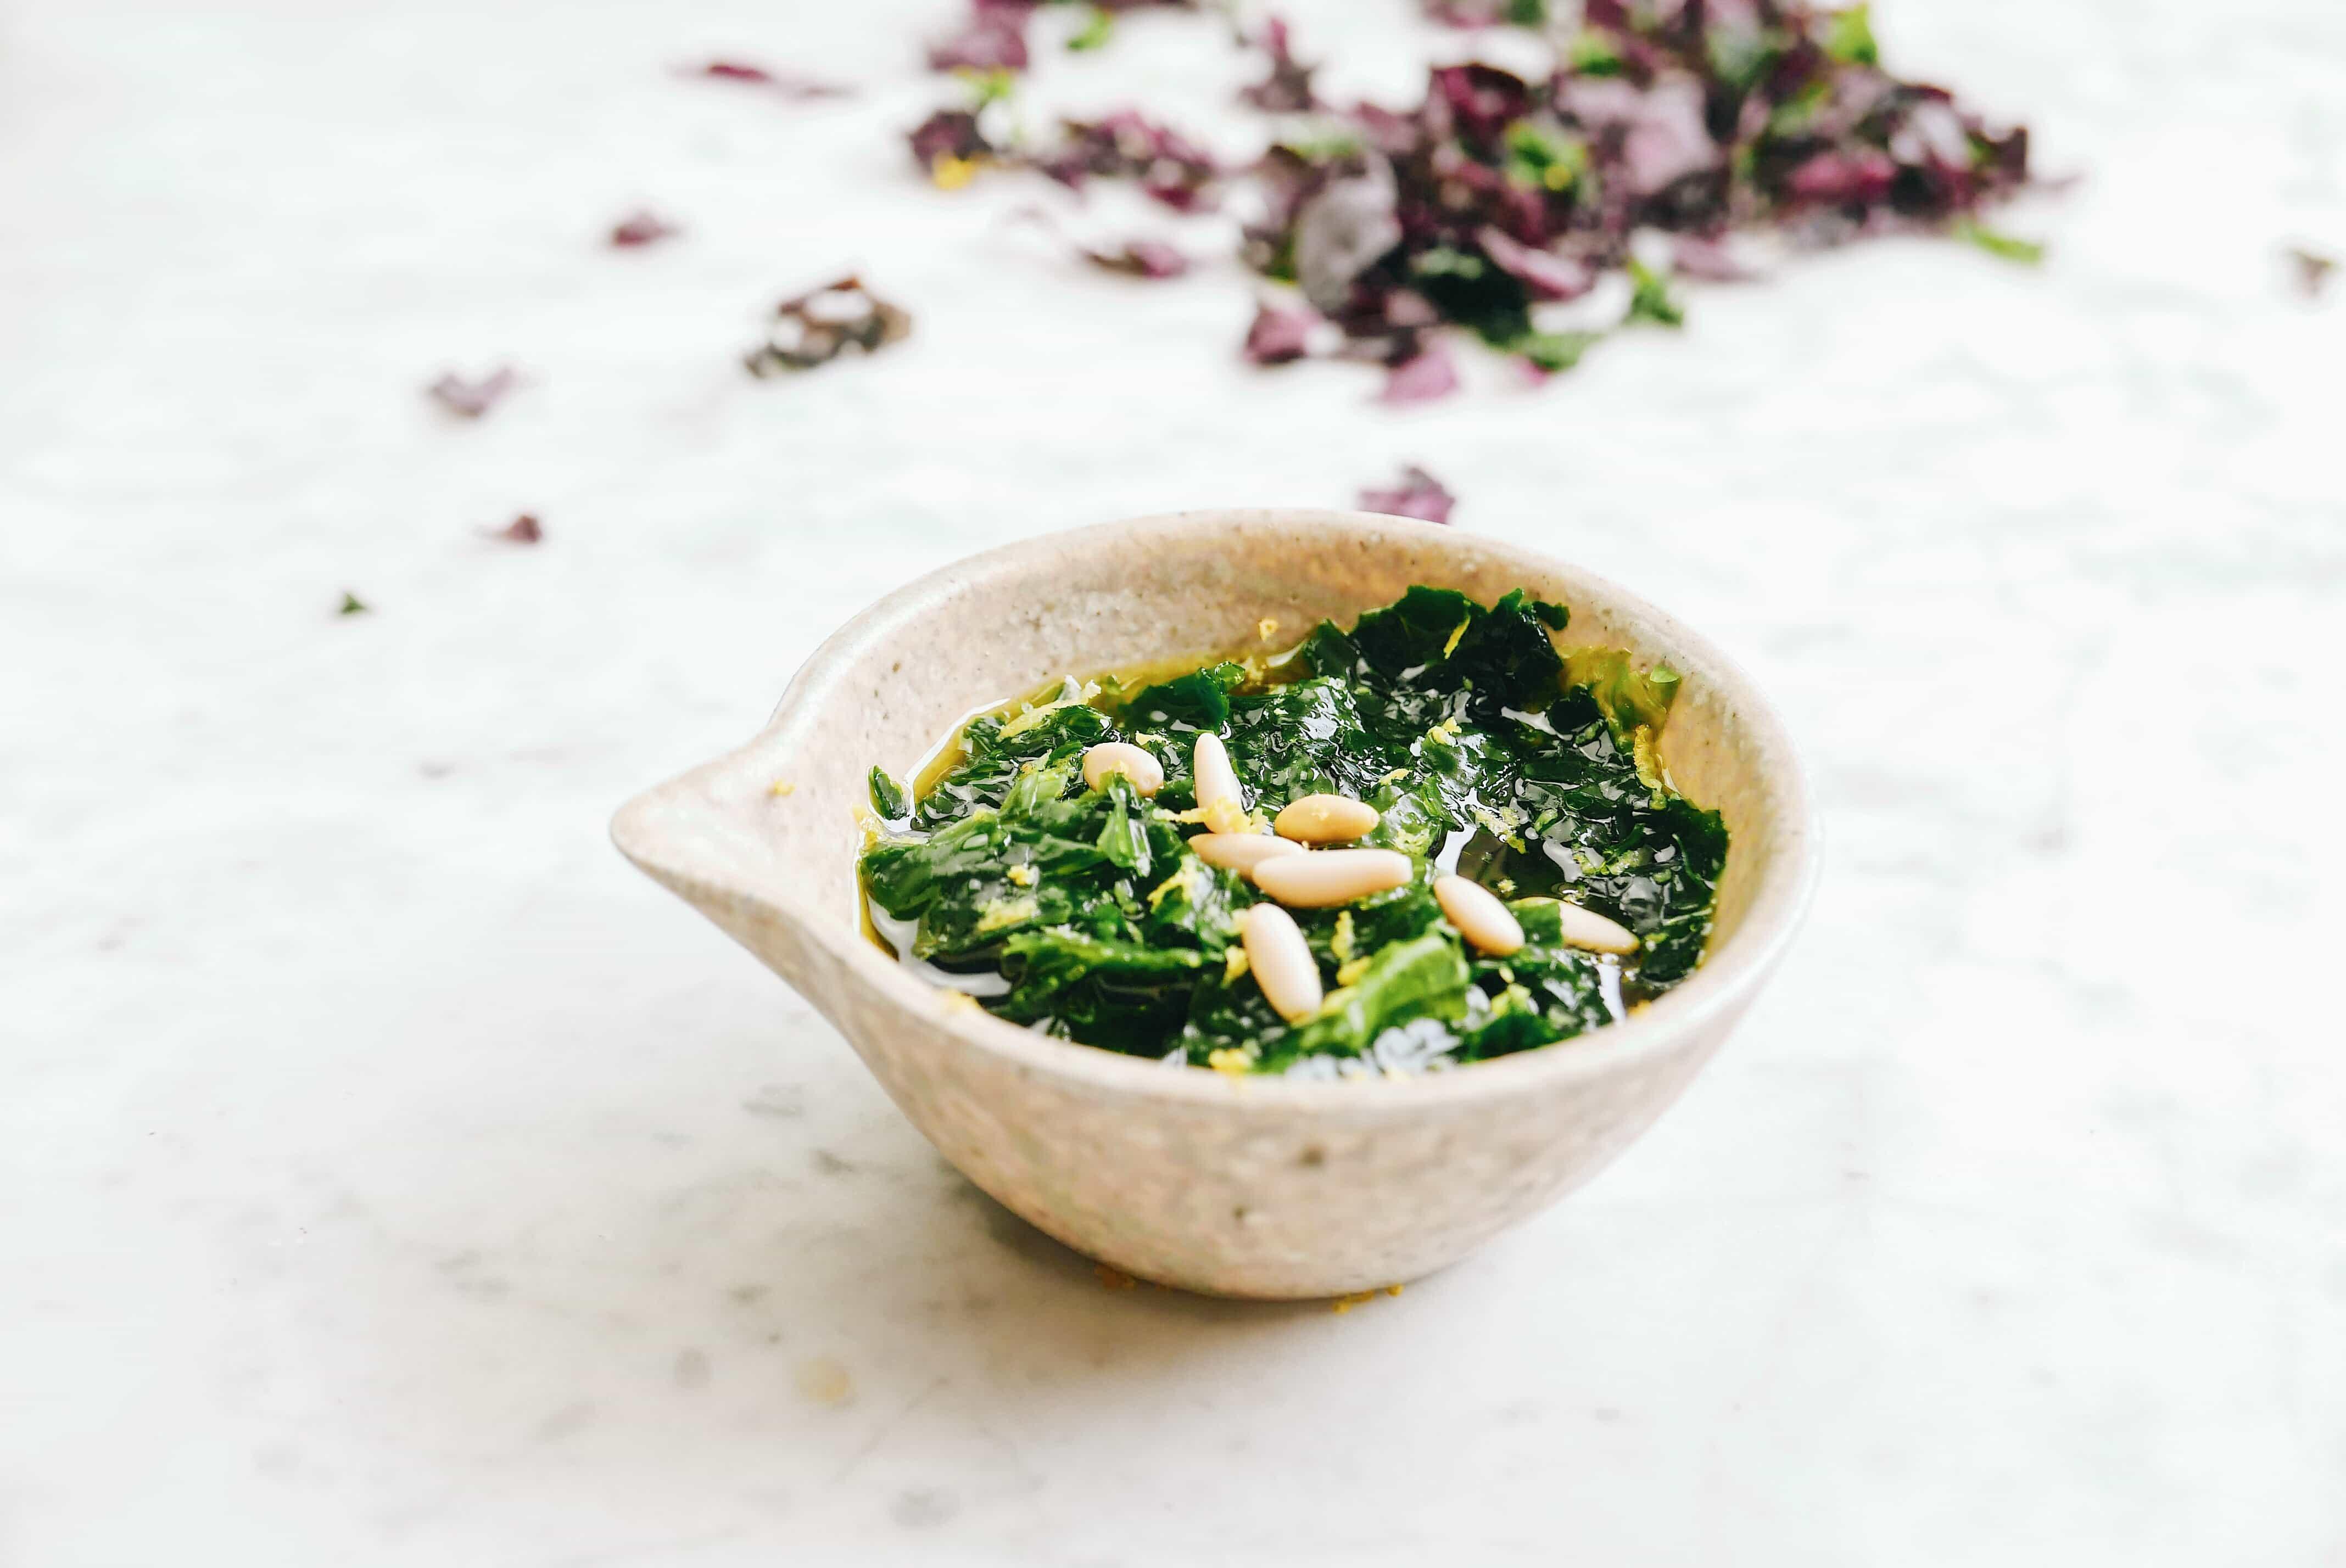 Pesto aux algues, nutrition, Genève, algue, comment cuisiner algue, blogueur Suisse